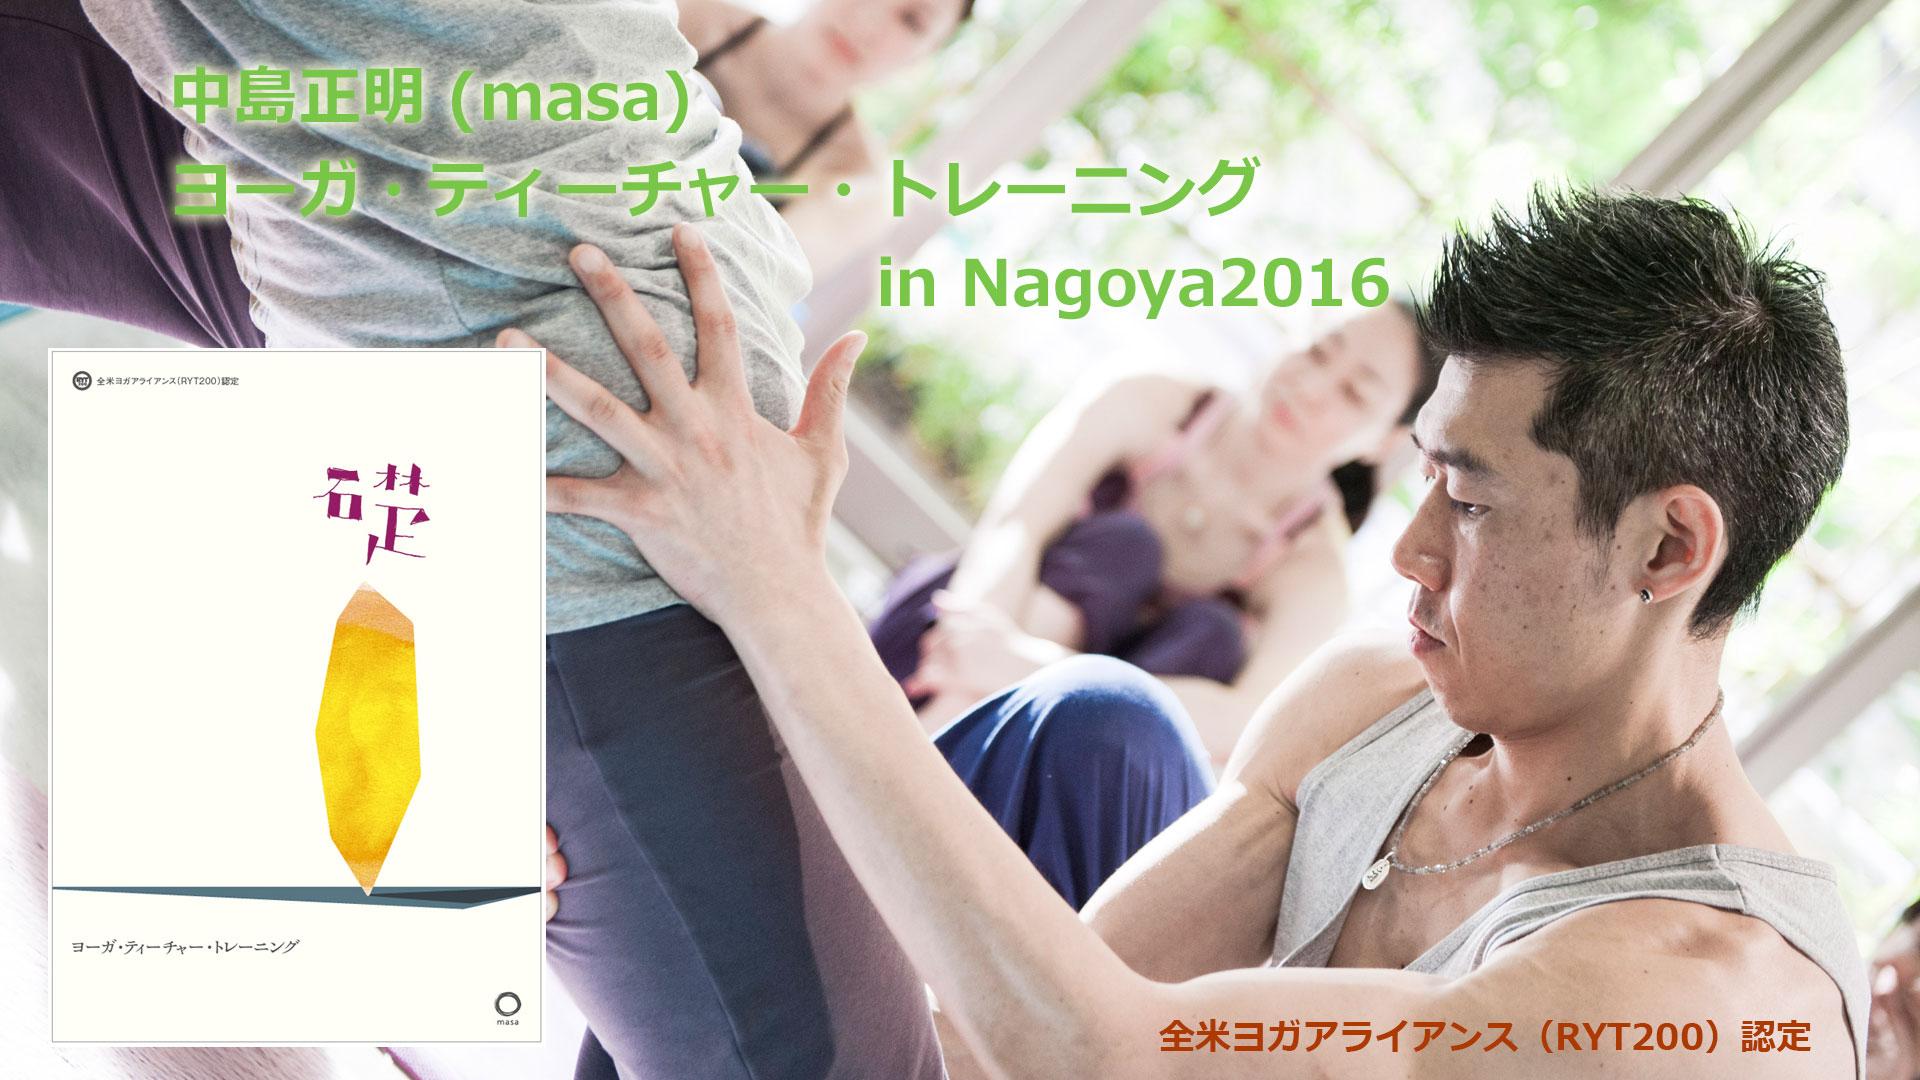 masa先生 ヨーガ・ティーチャー・トレーニング in 名古屋 2016」全米ヨガアライアンス(RYT200)認定 2016.4-8